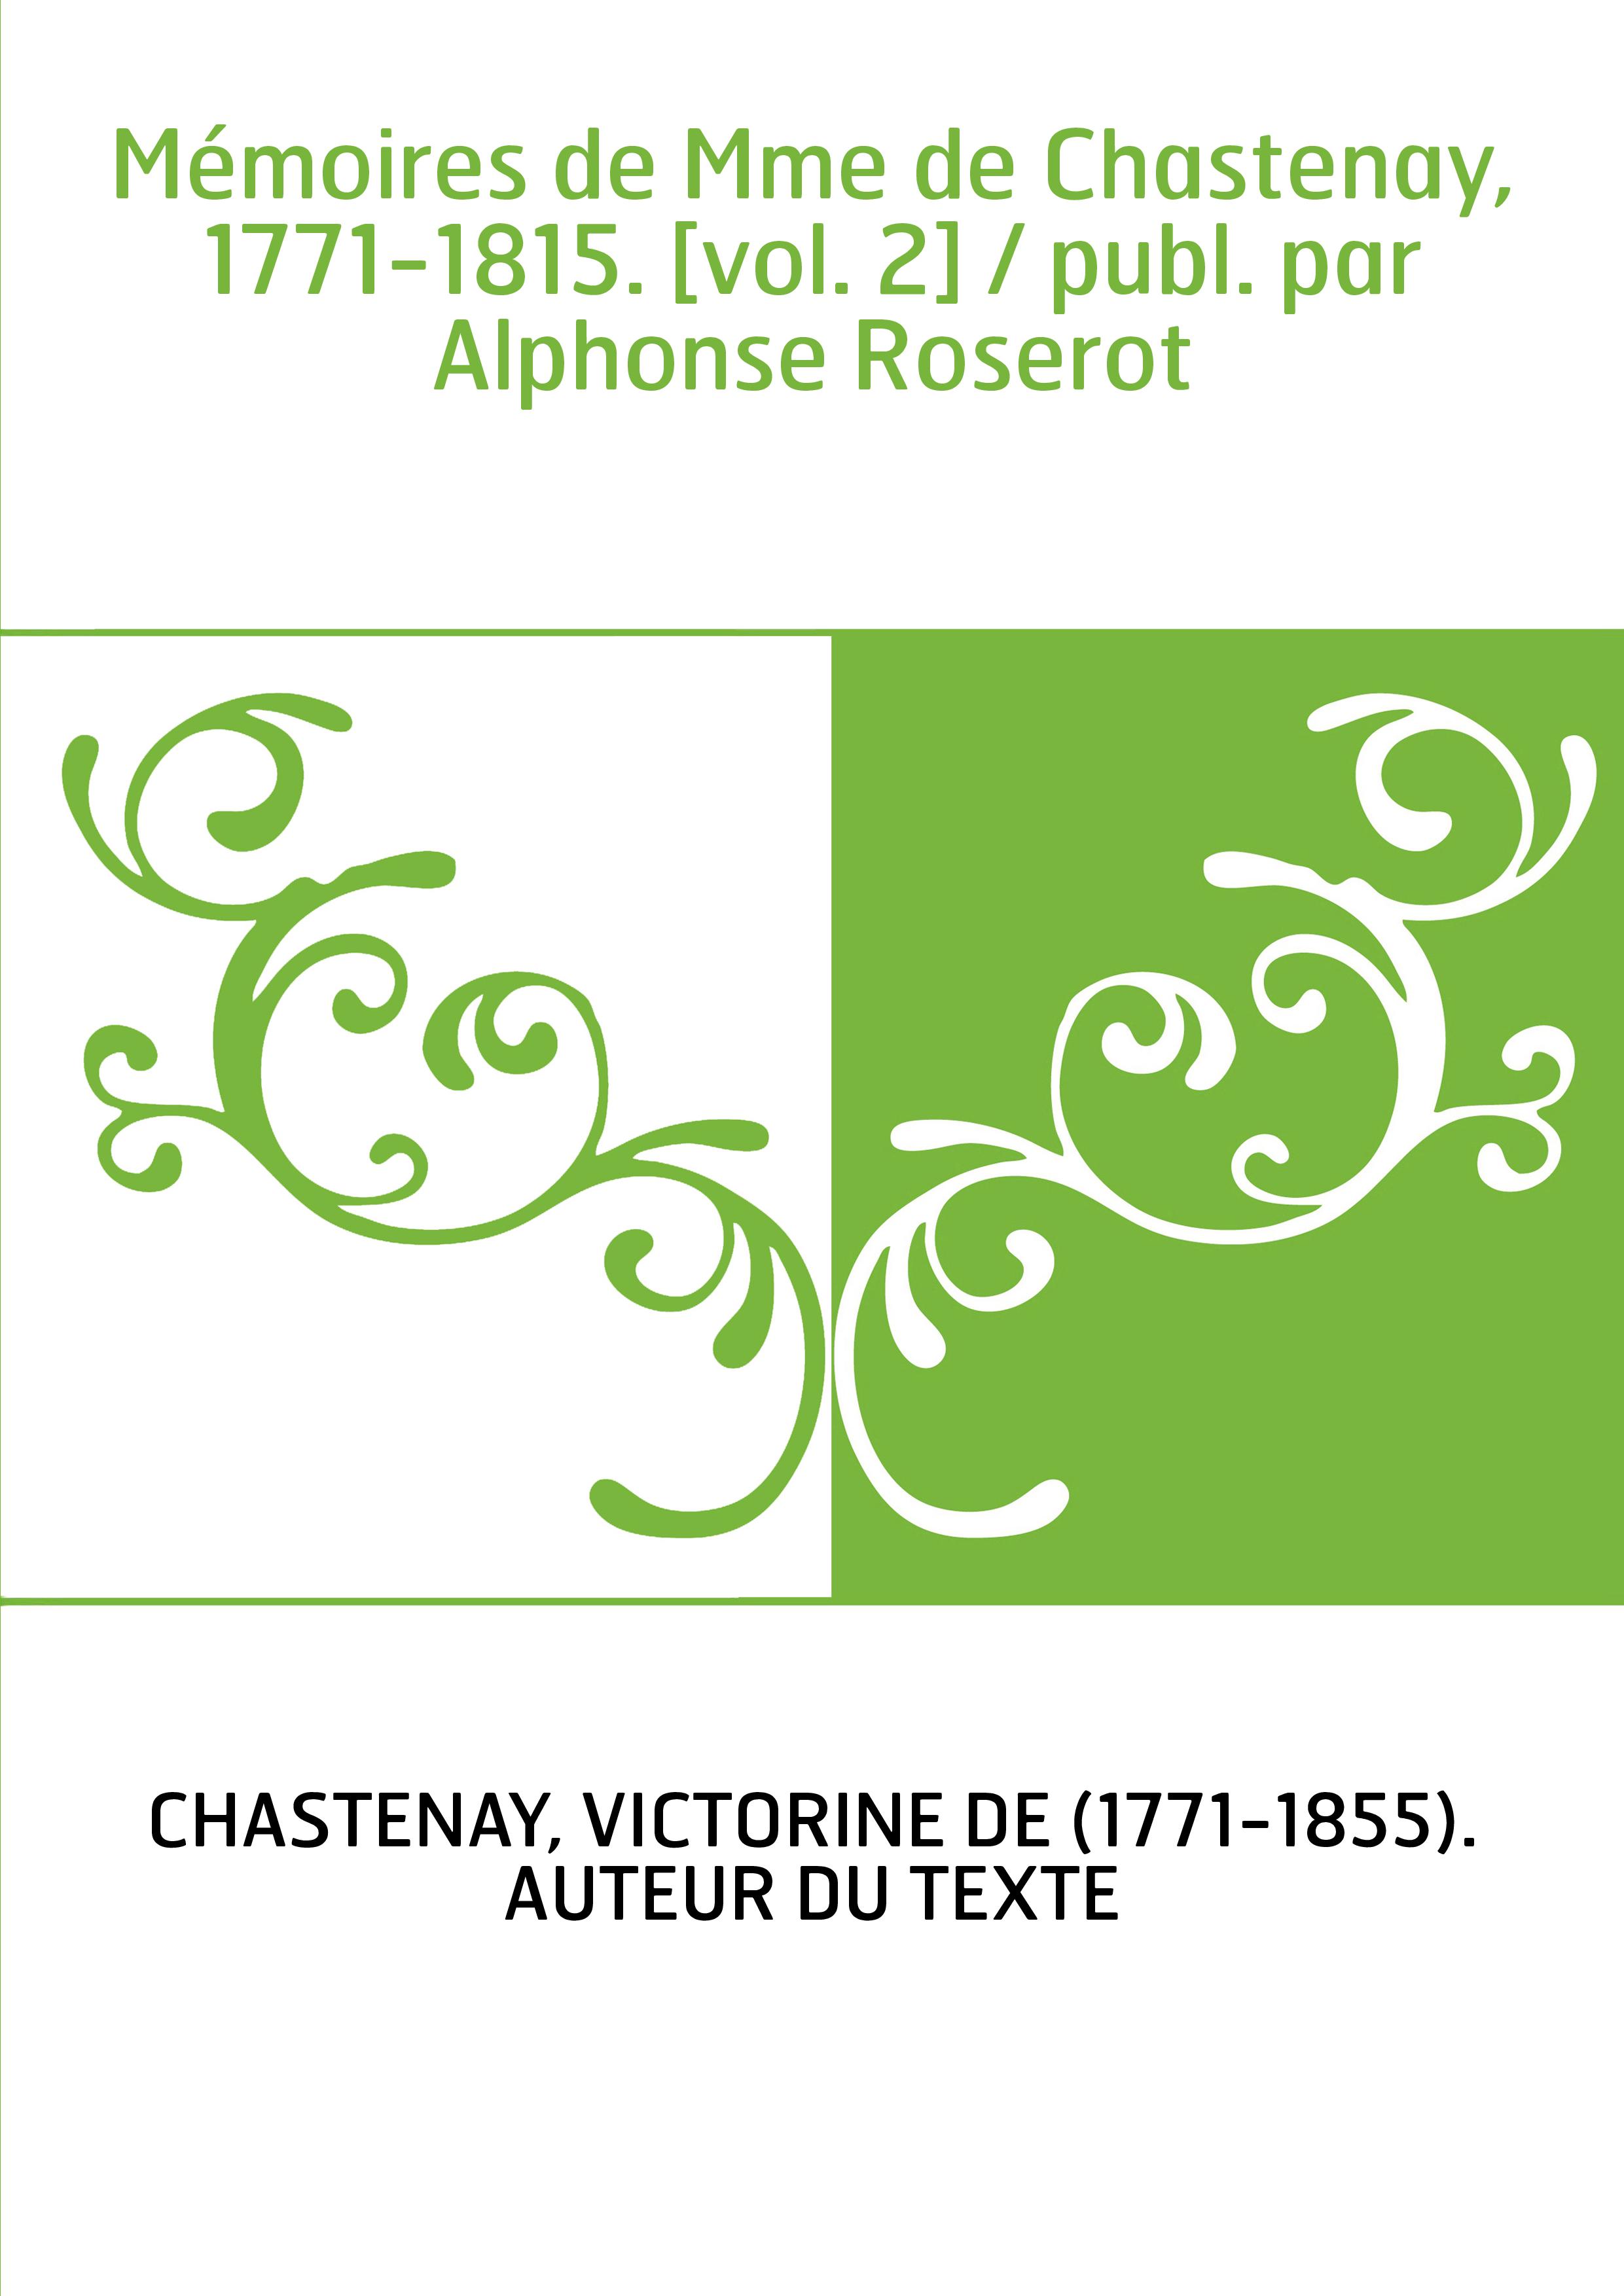 Mémoires de Mme de Chastenay, 1771-1815. [vol. 2] / publ. par Alphonse Roserot